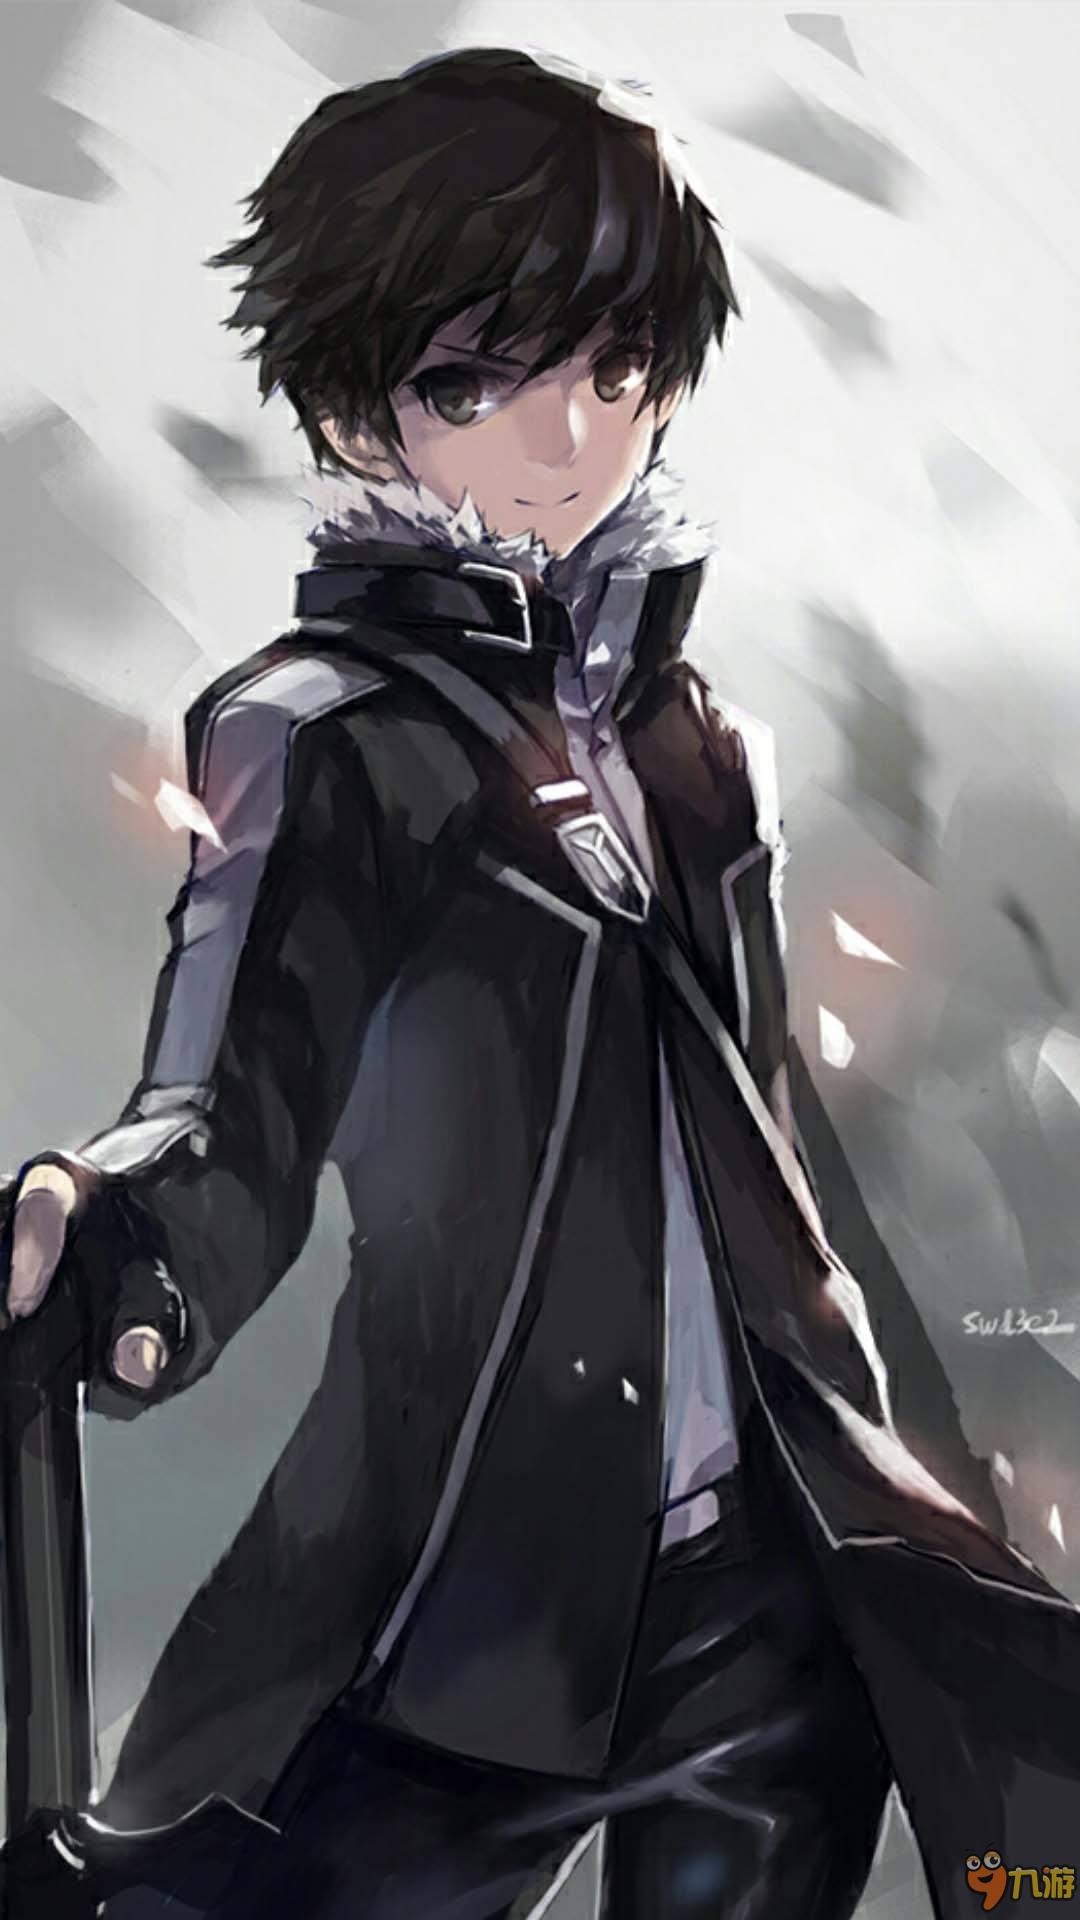 刀剑动漫图片精选唯美素材_九游苹果手机游戏